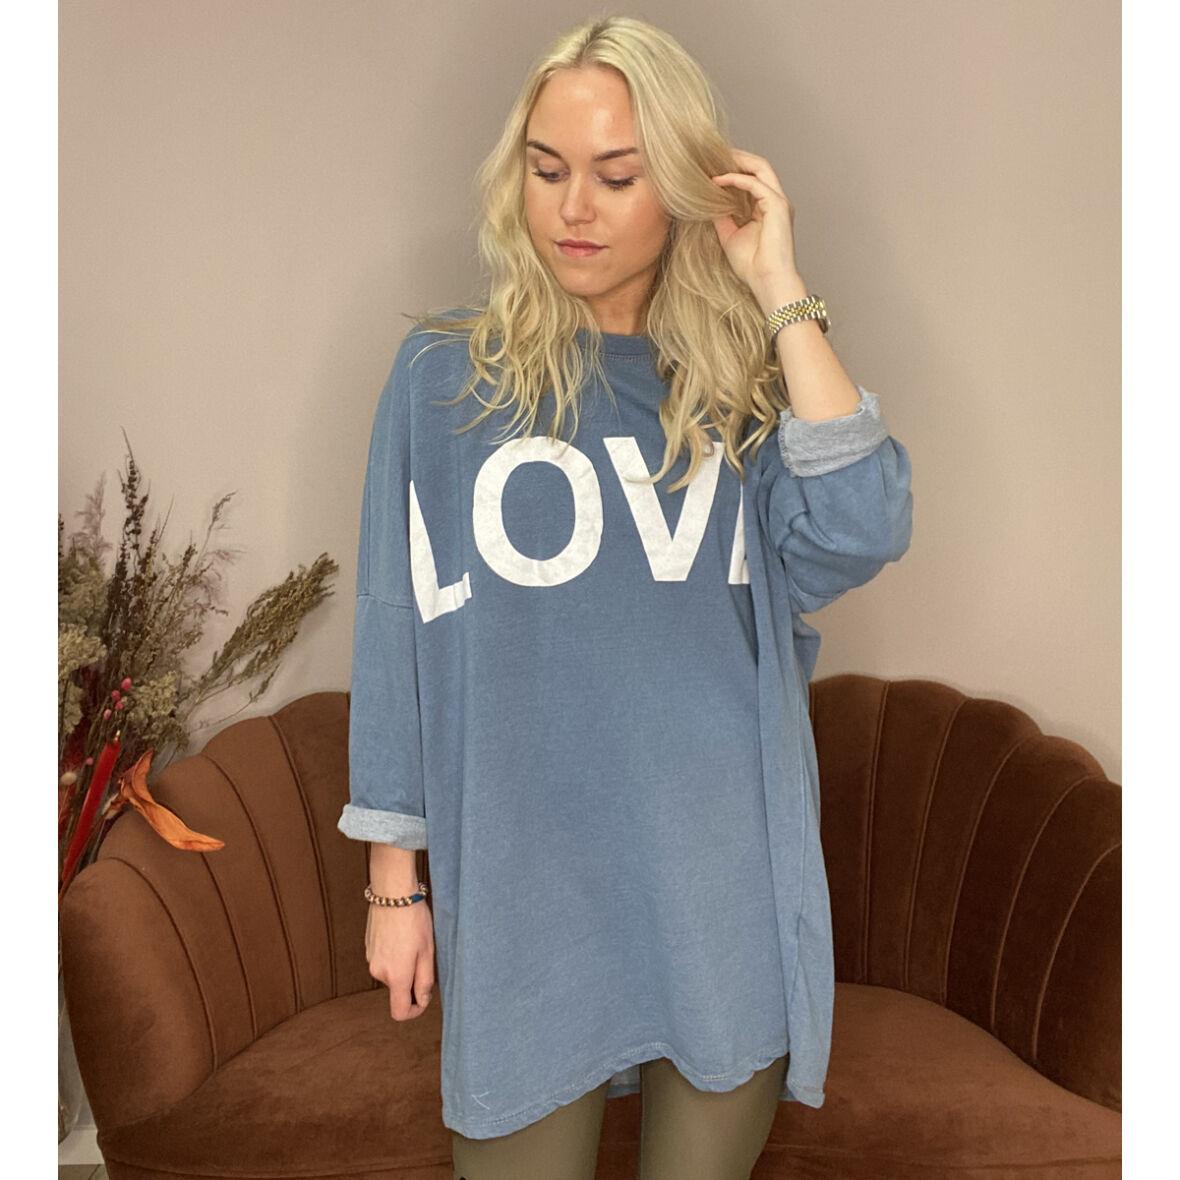 LOVE SOPHY - Sweatshirt Jeans Blue 1098 - Jydepotten.dk